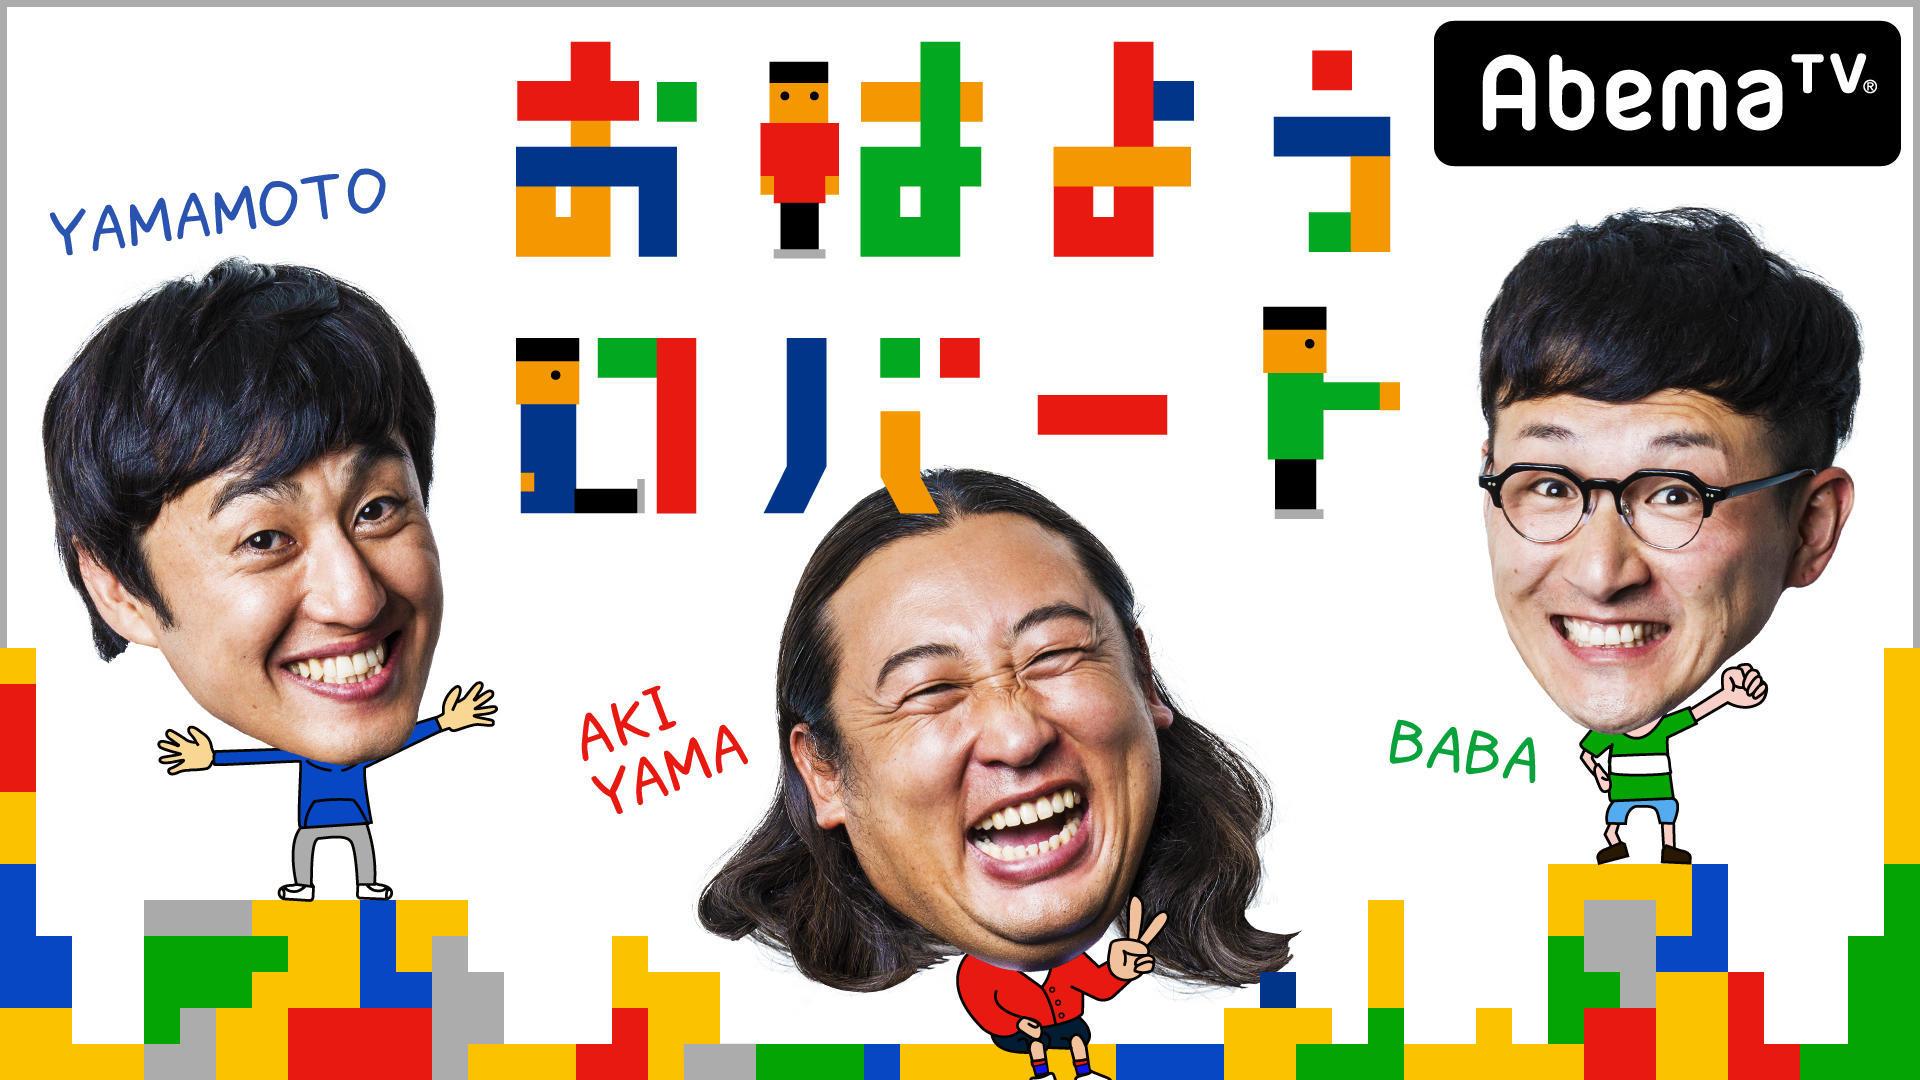 http://news.yoshimoto.co.jp/20180711112359-115537c49d3938de064c1f8f2fe33172df52a4a8.jpg